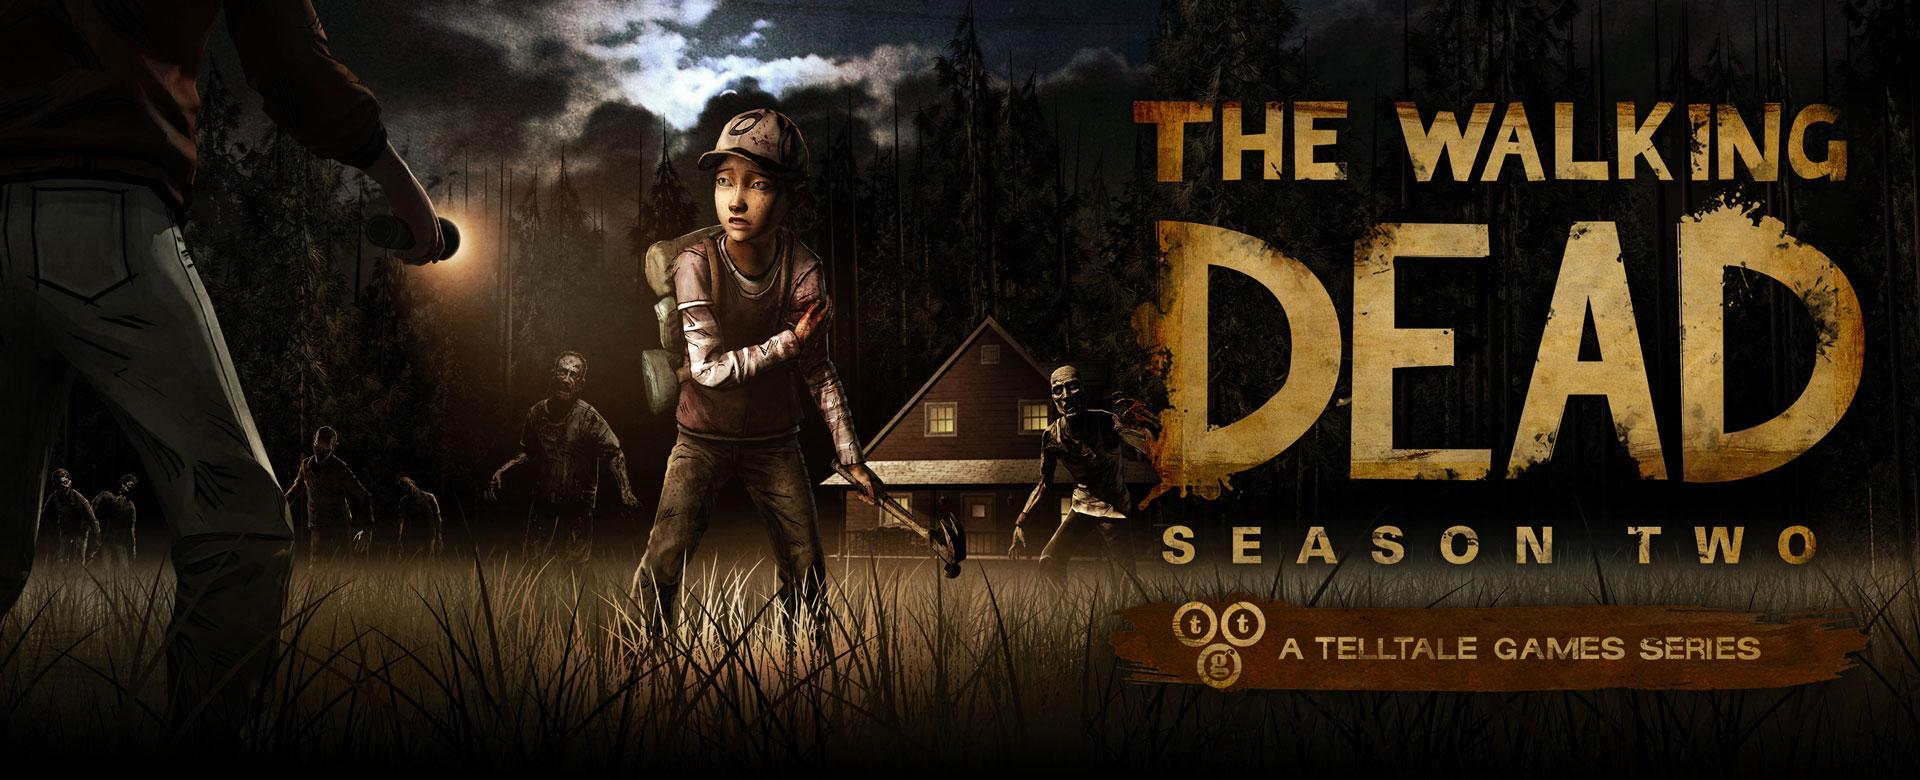 ������ ������ �� ���� ��������� ������� : The Walking Dead: Season Two v1.31 ����